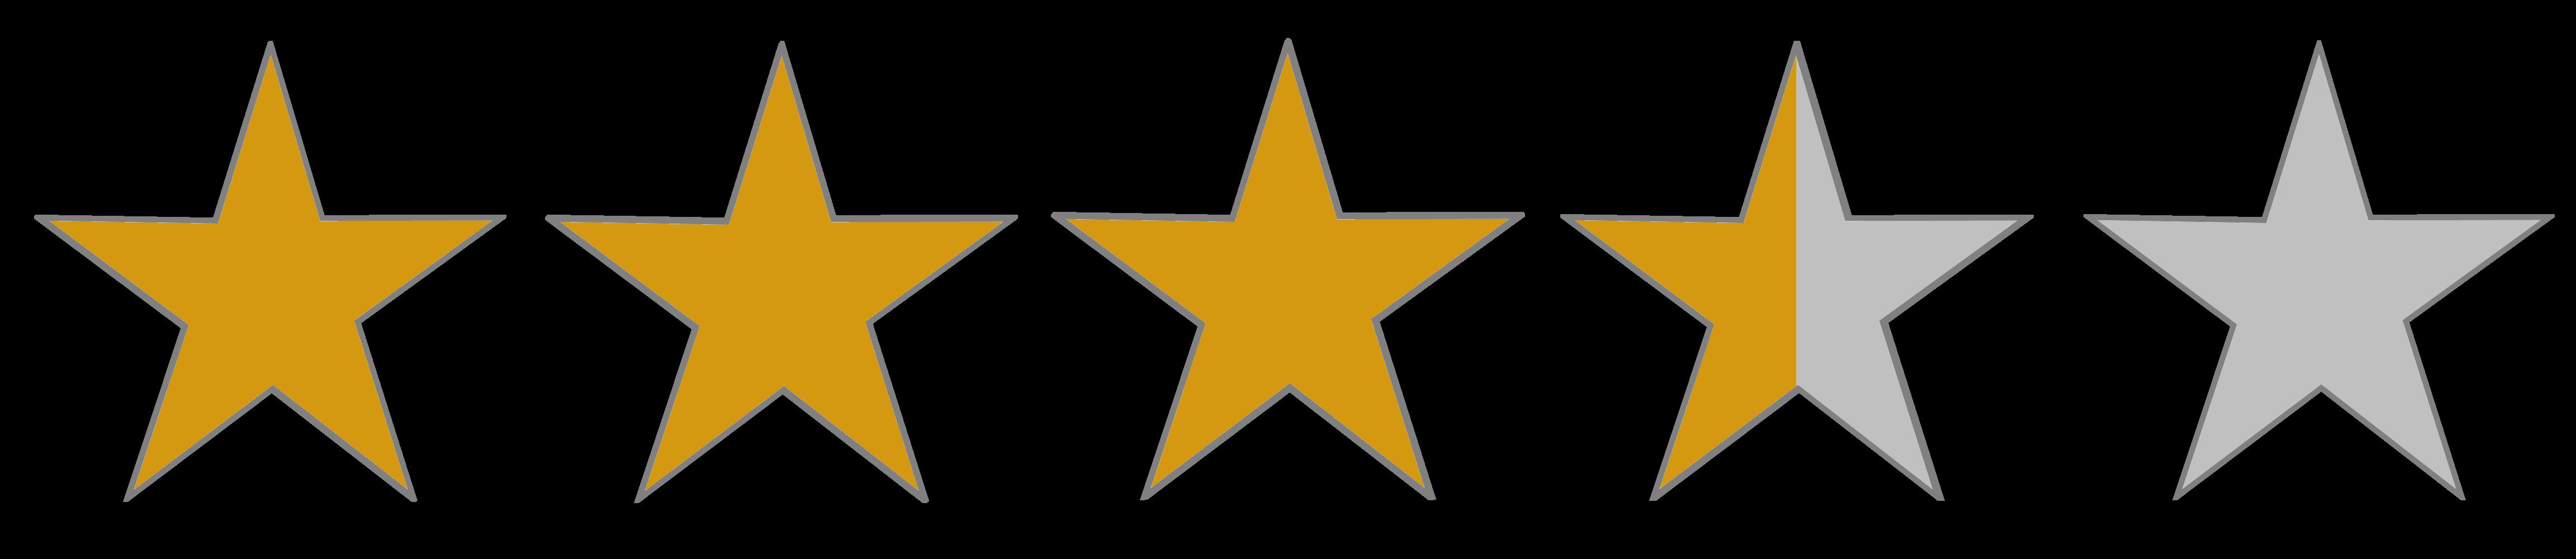 Image result for 3.9 rating transparent